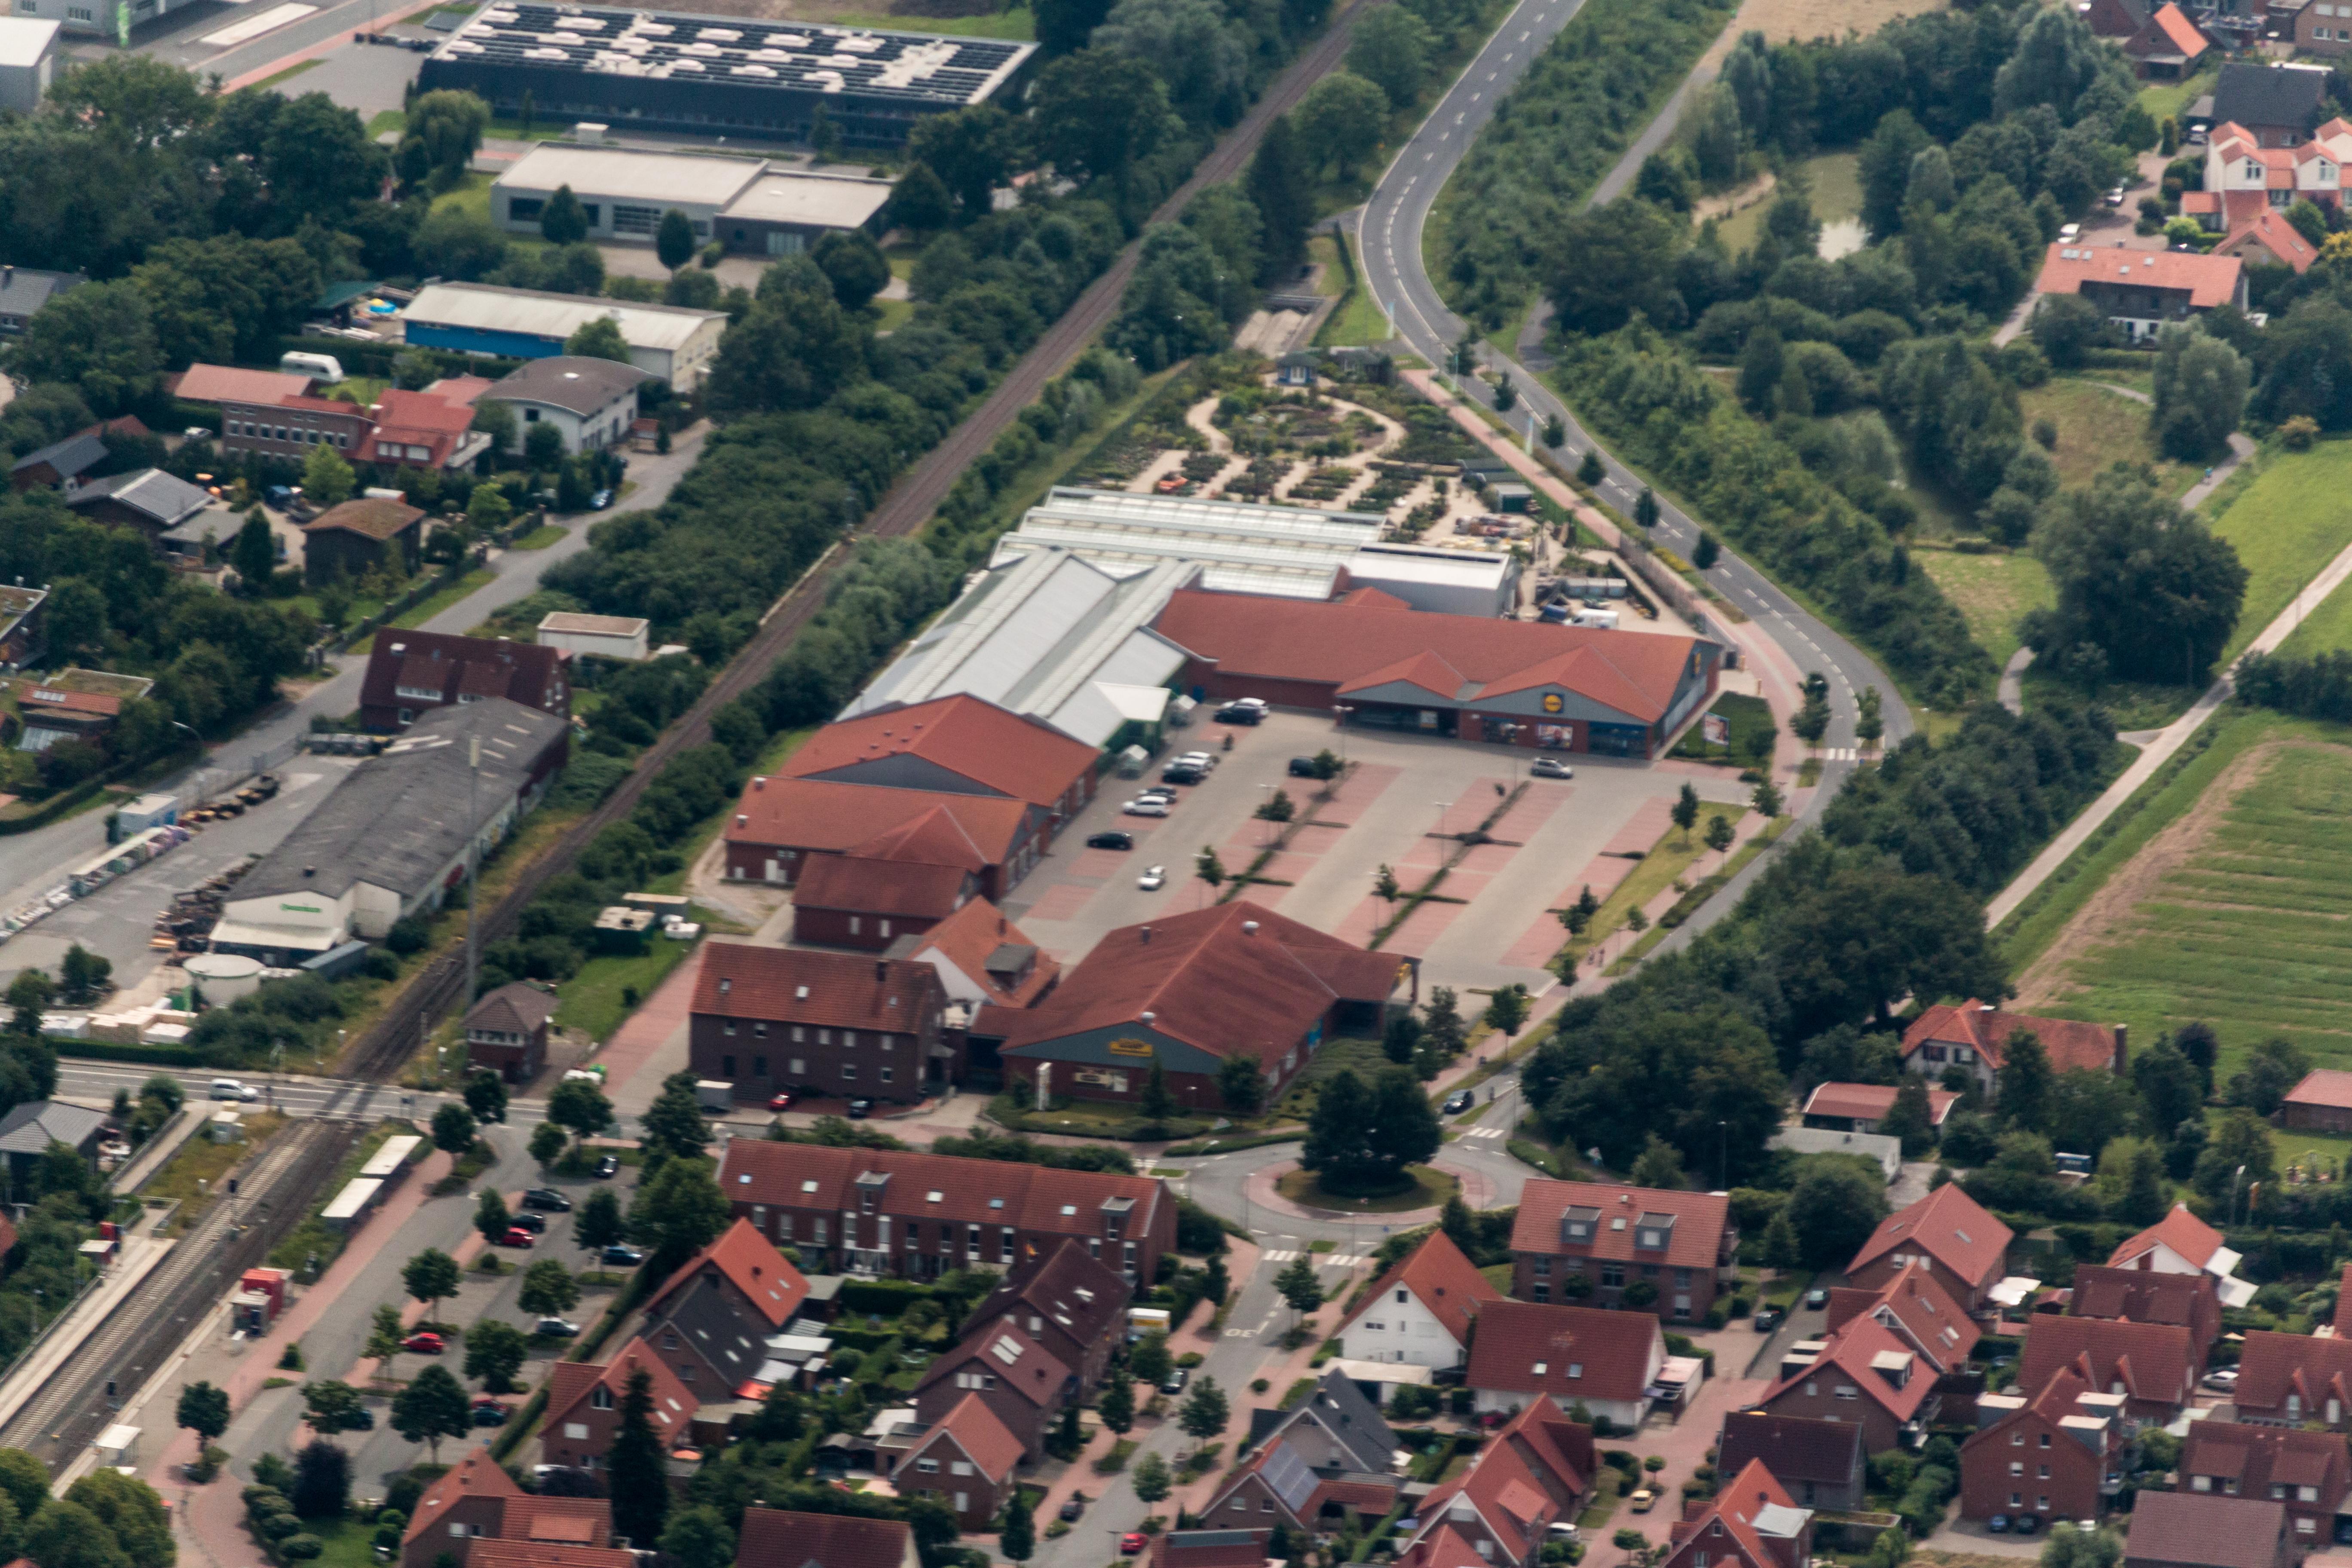 File Altenberge Einkaufszentrum 2014 2530 Jpg Wikimedia